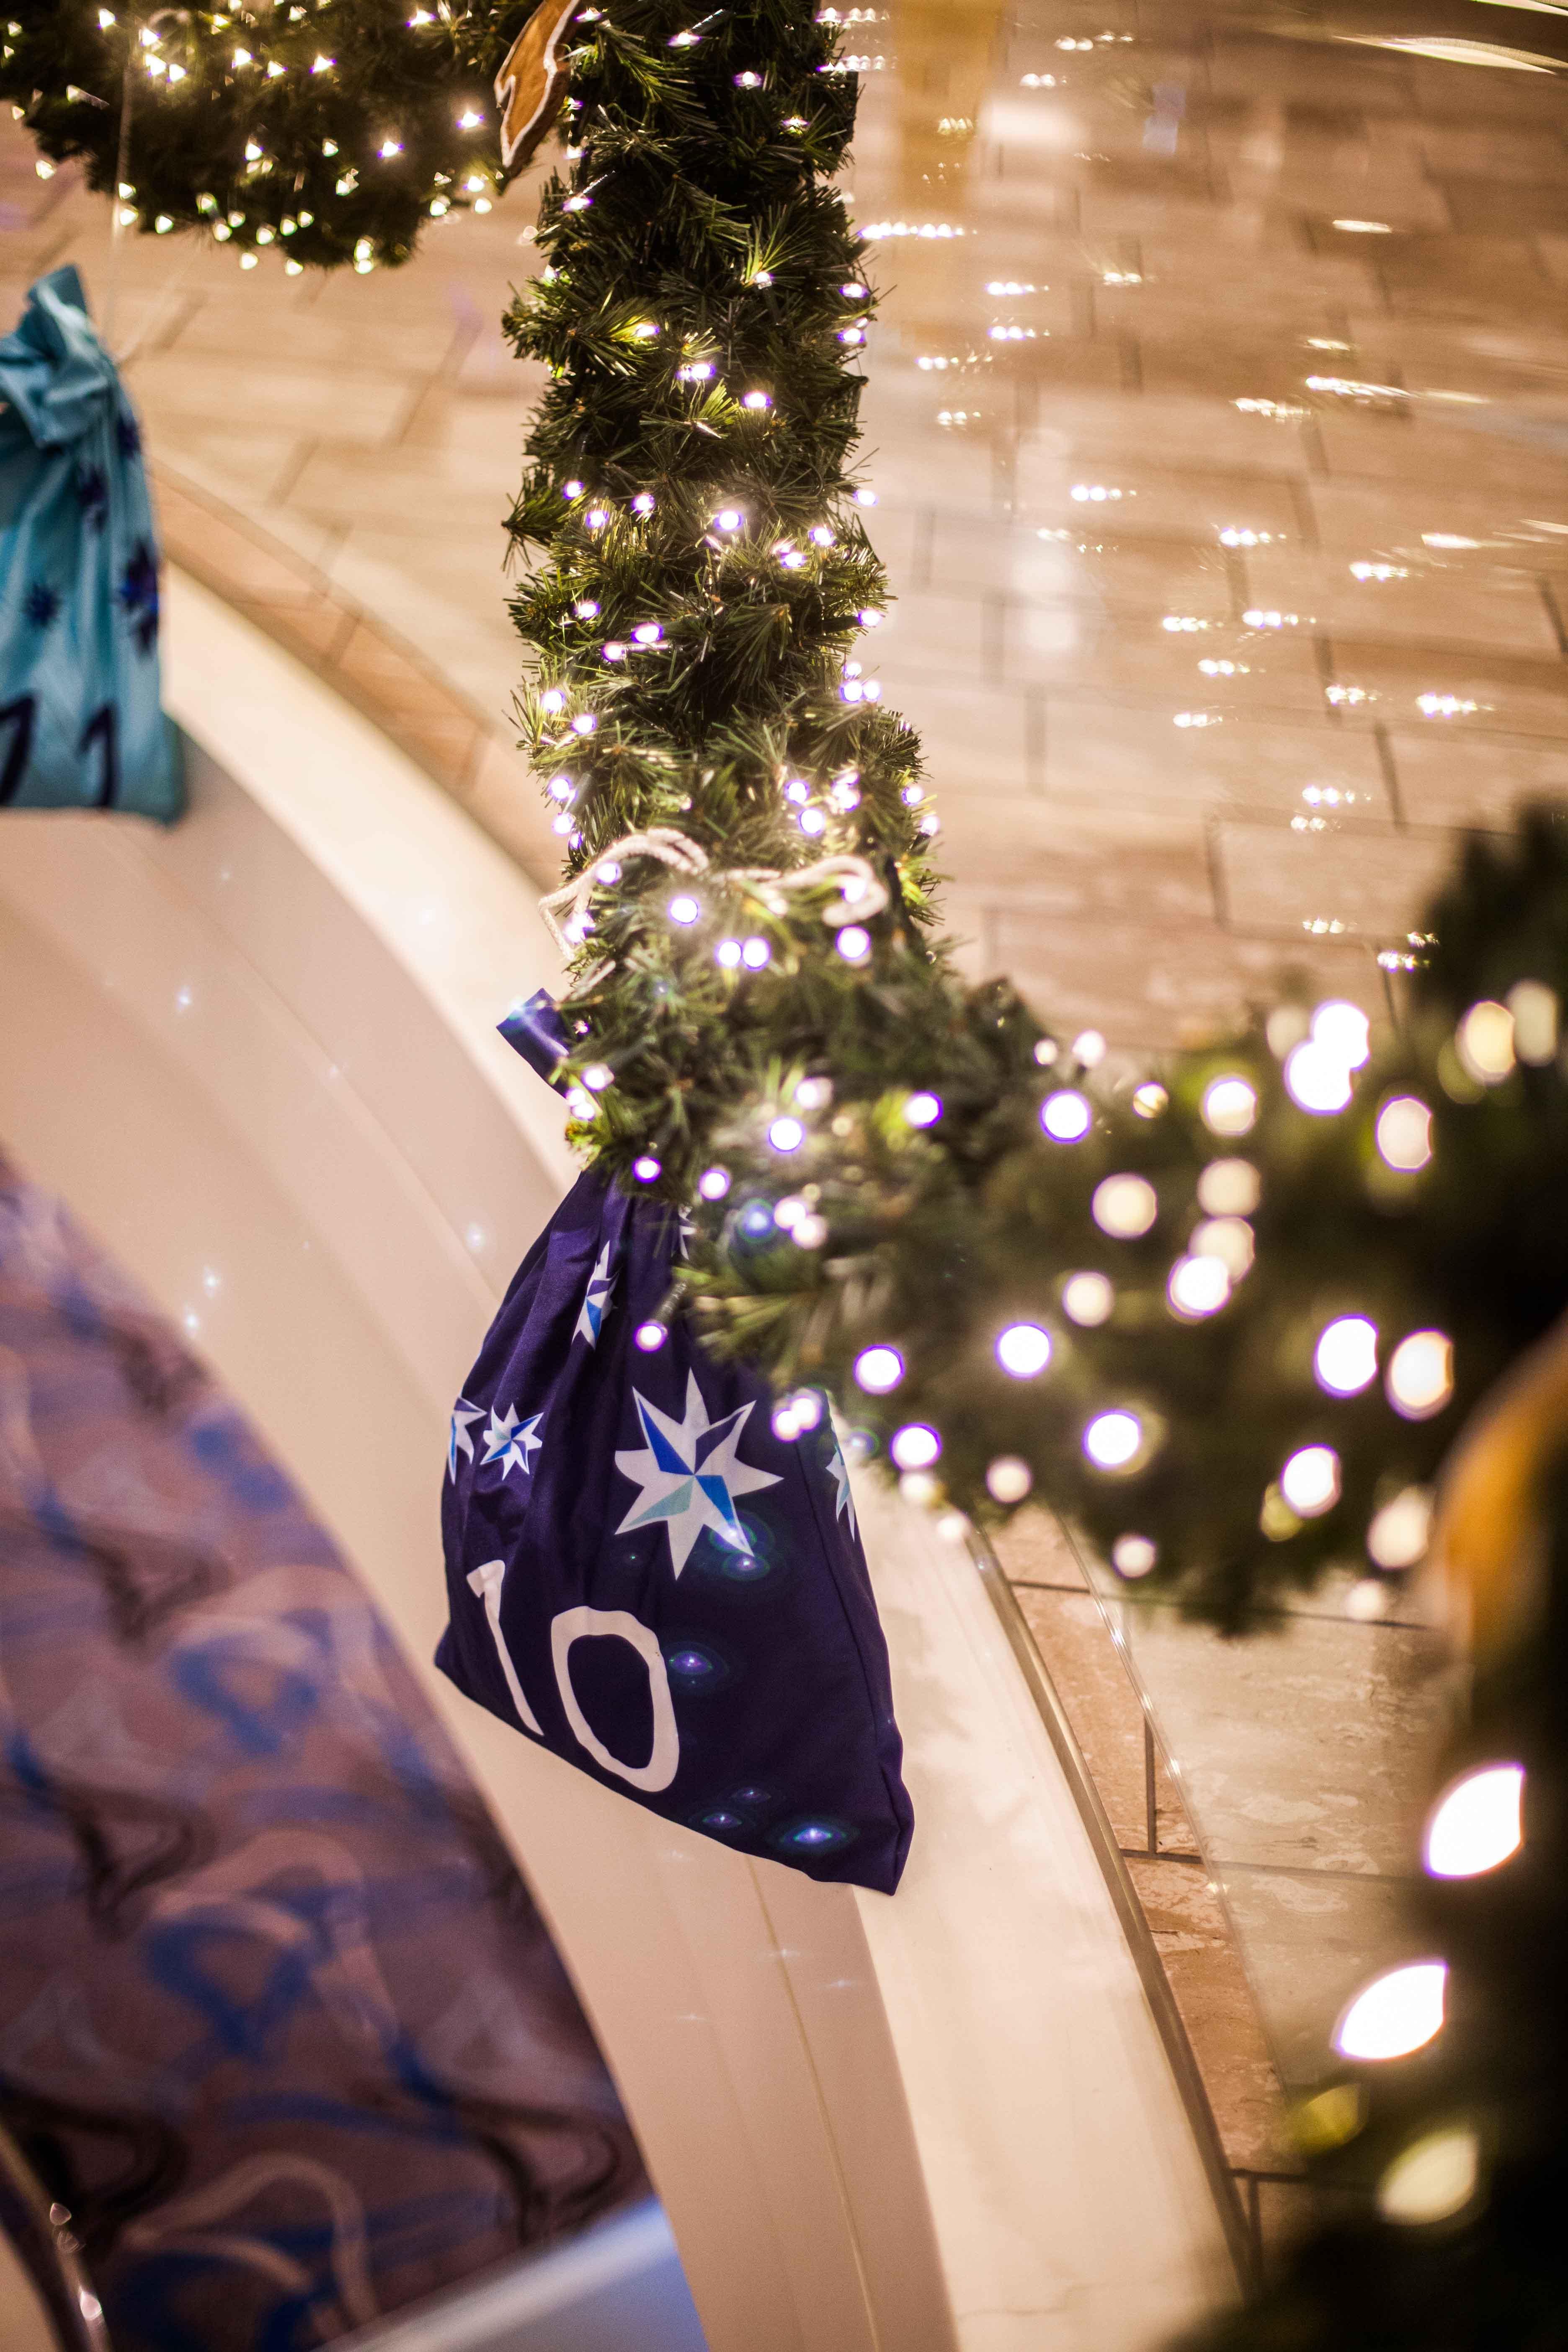 Frohe Mein Schiff Weihnachten! - Mein Schiff Blog